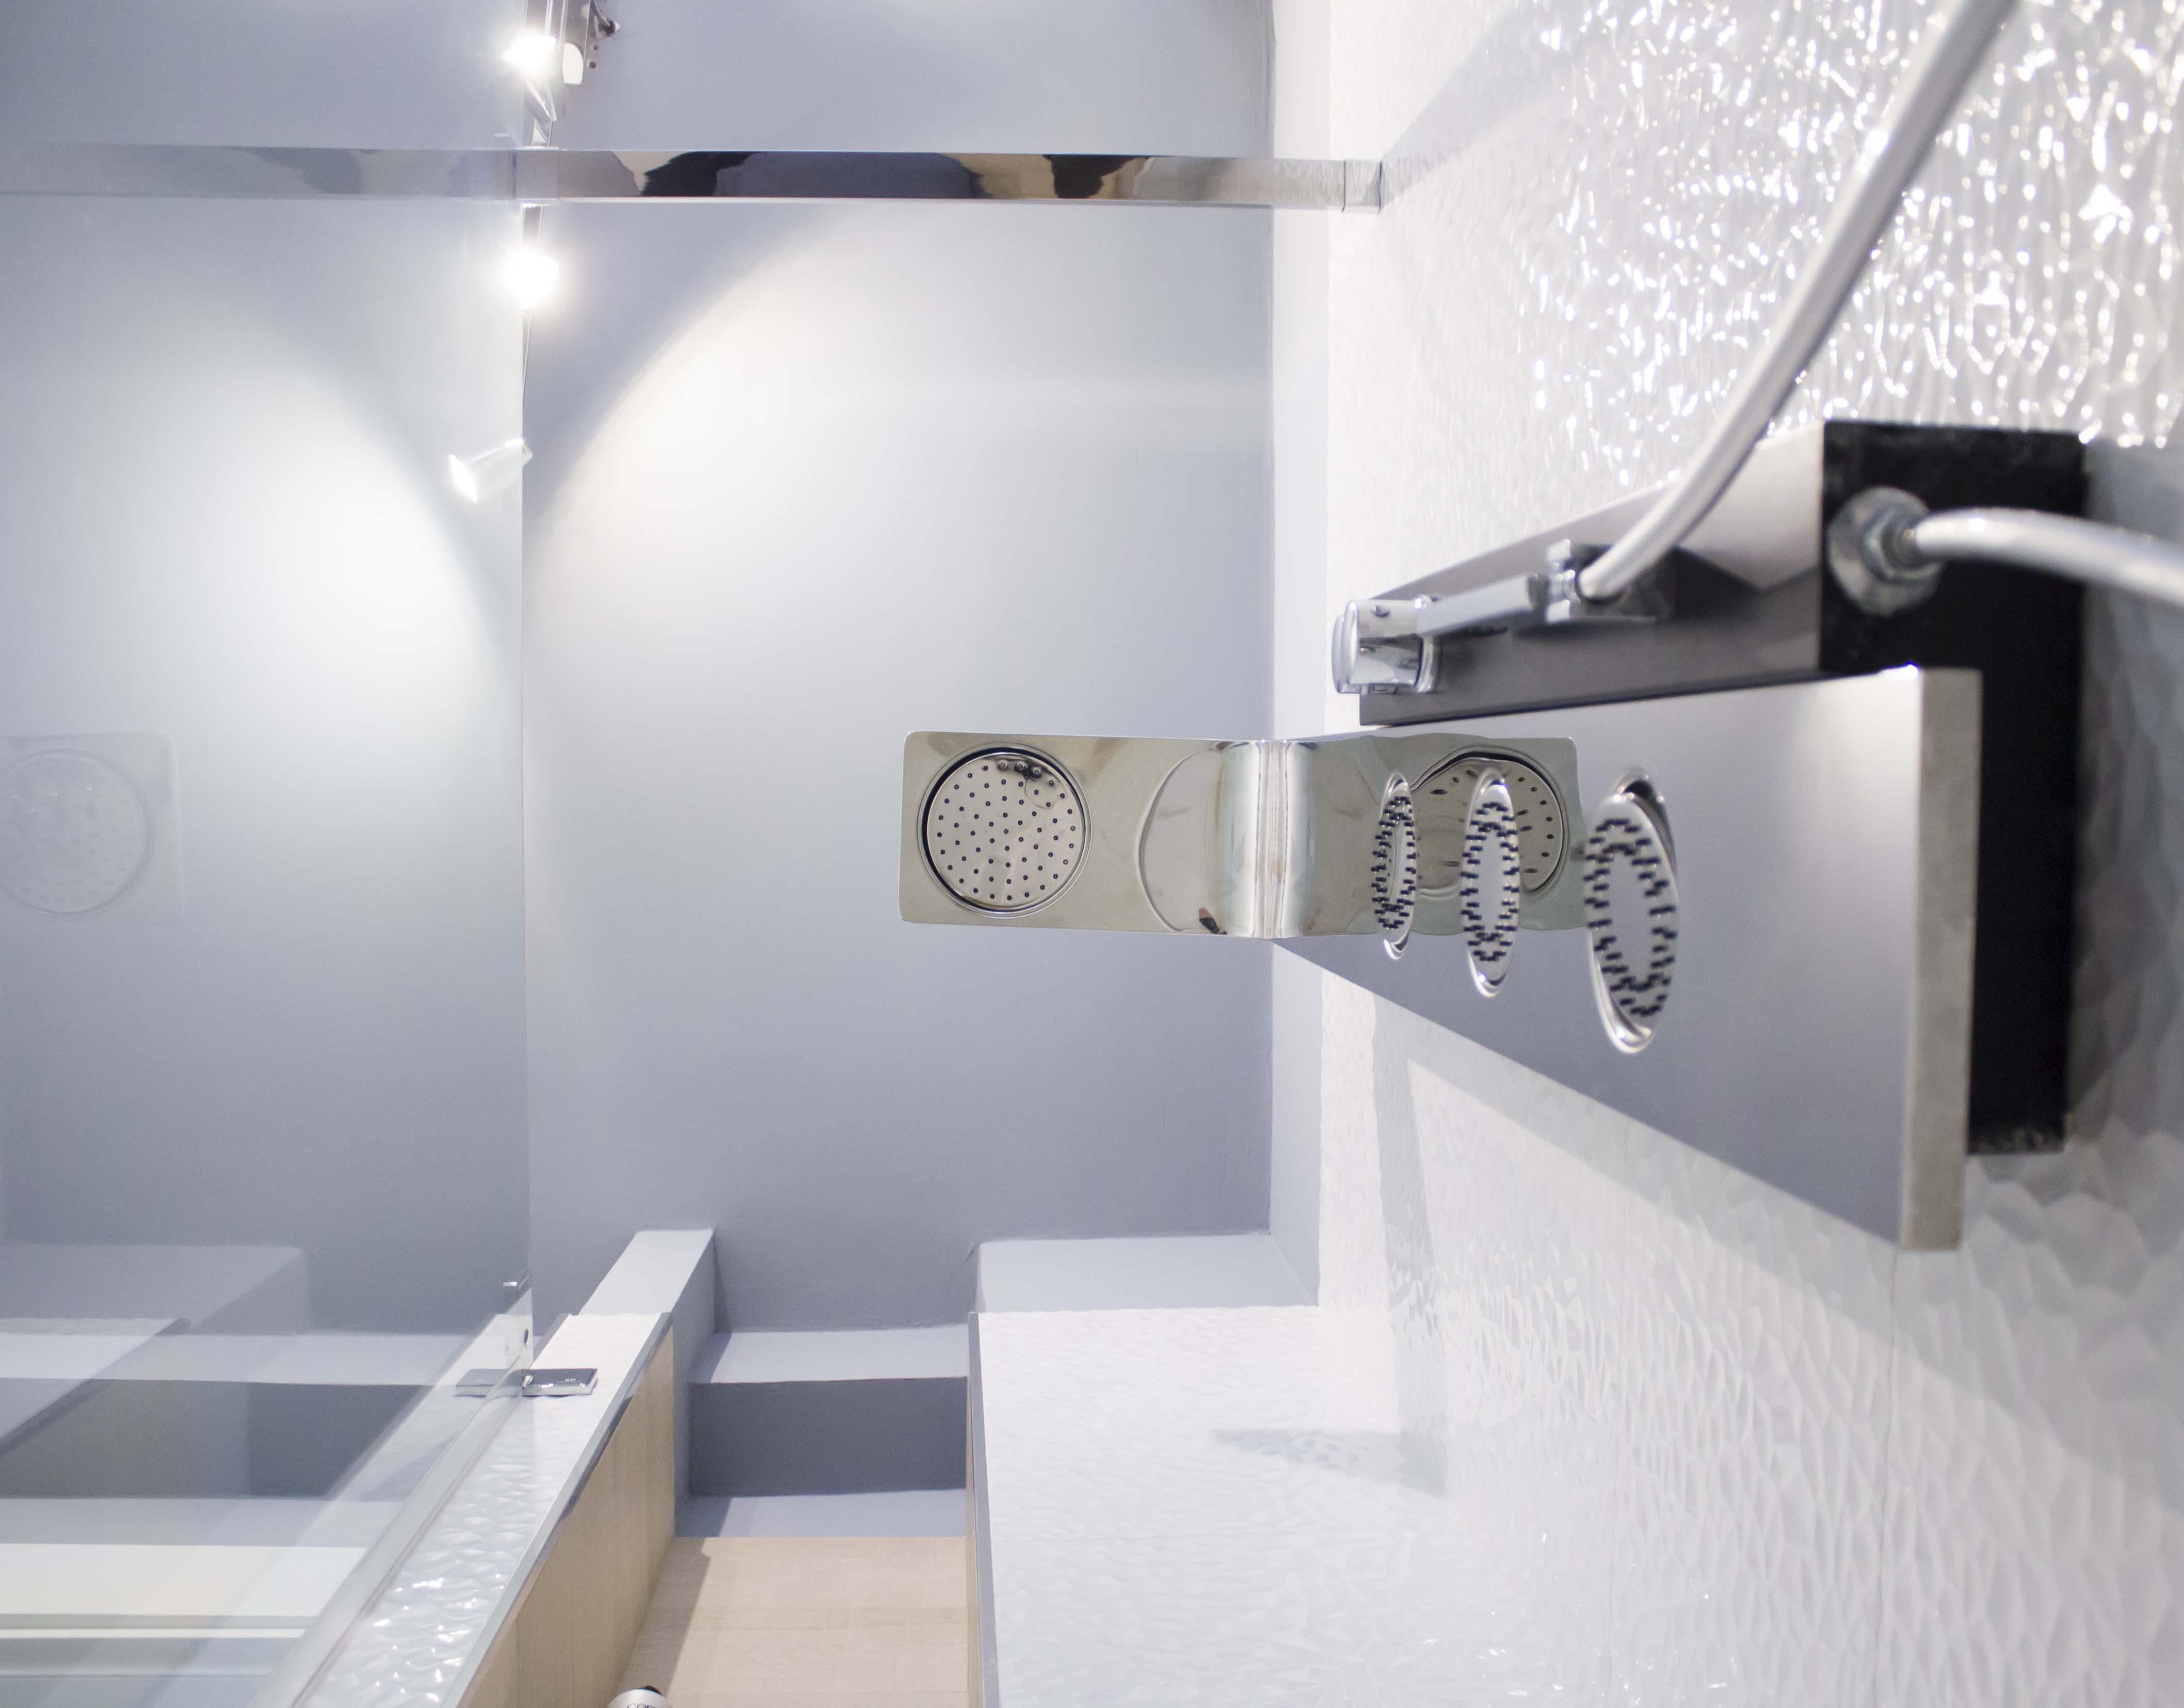 Stile Porcelanosa in bagno